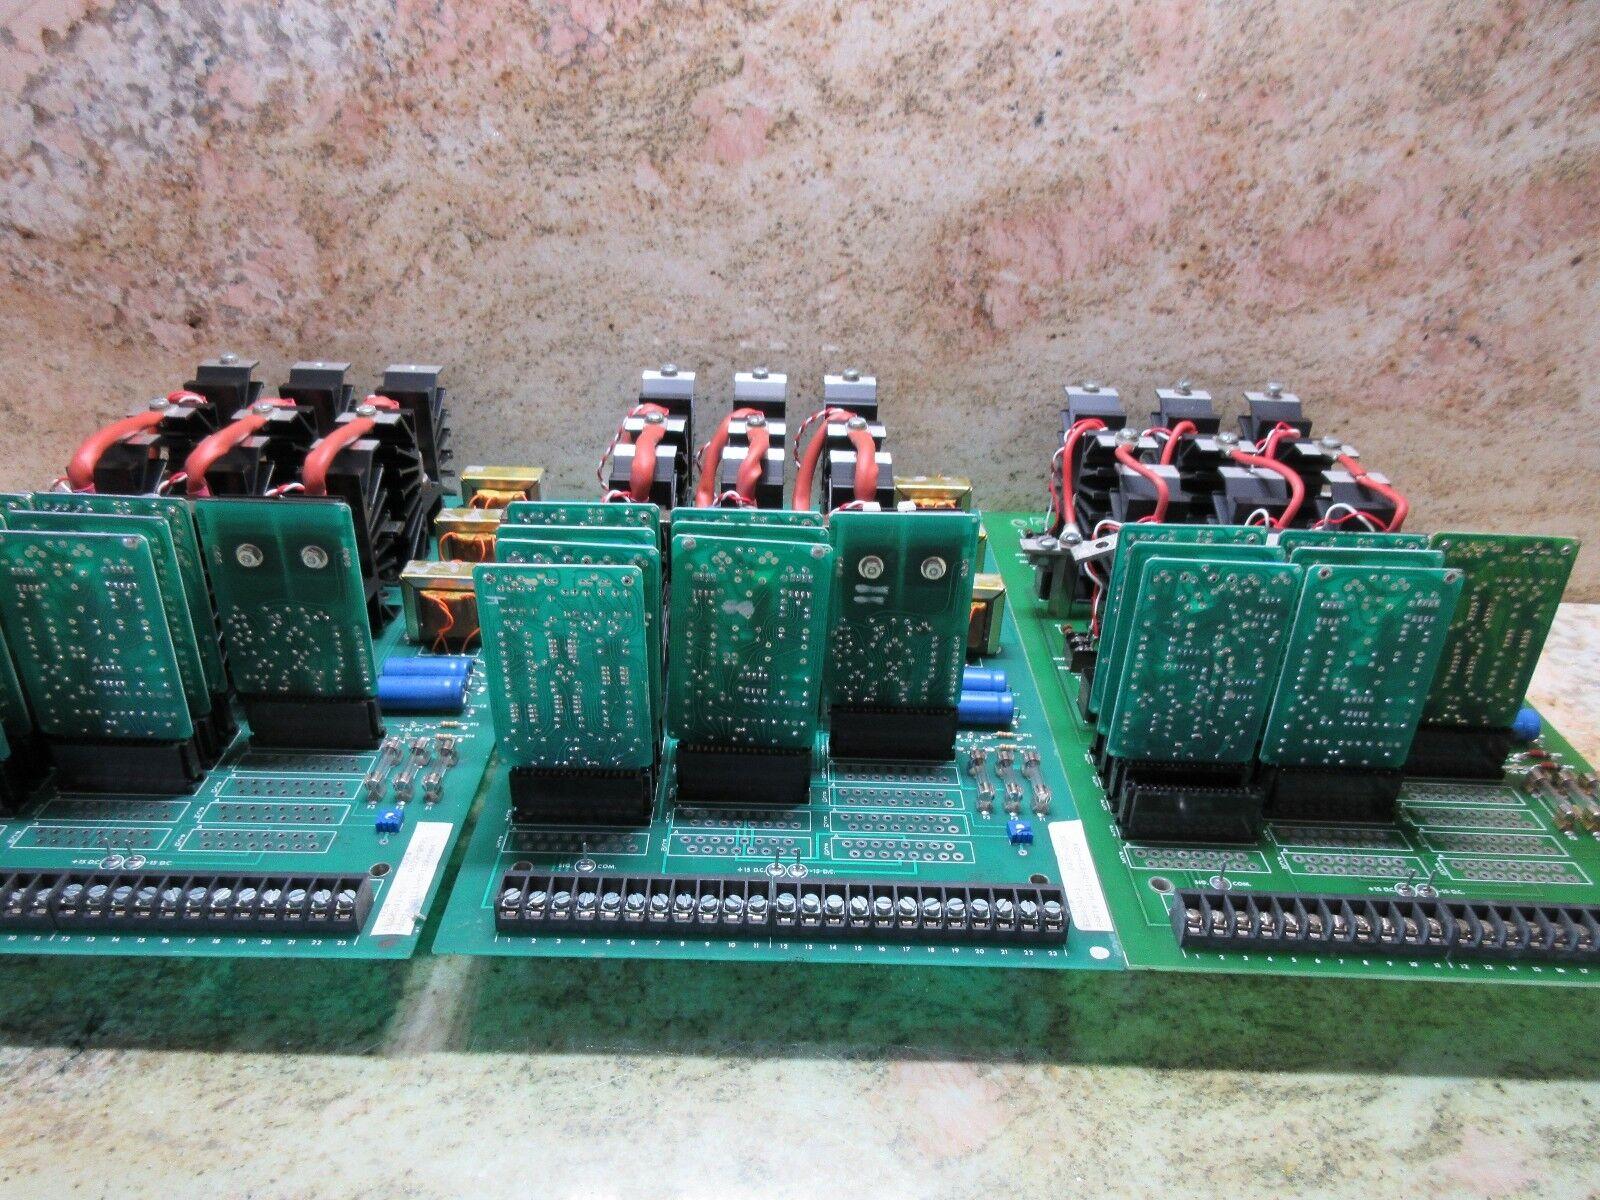 Indicó unidad Board EL66241-1 parte  A111-09139-H04 controlador 11-1015-105 11-1015-105 11-1015-105 4b8458